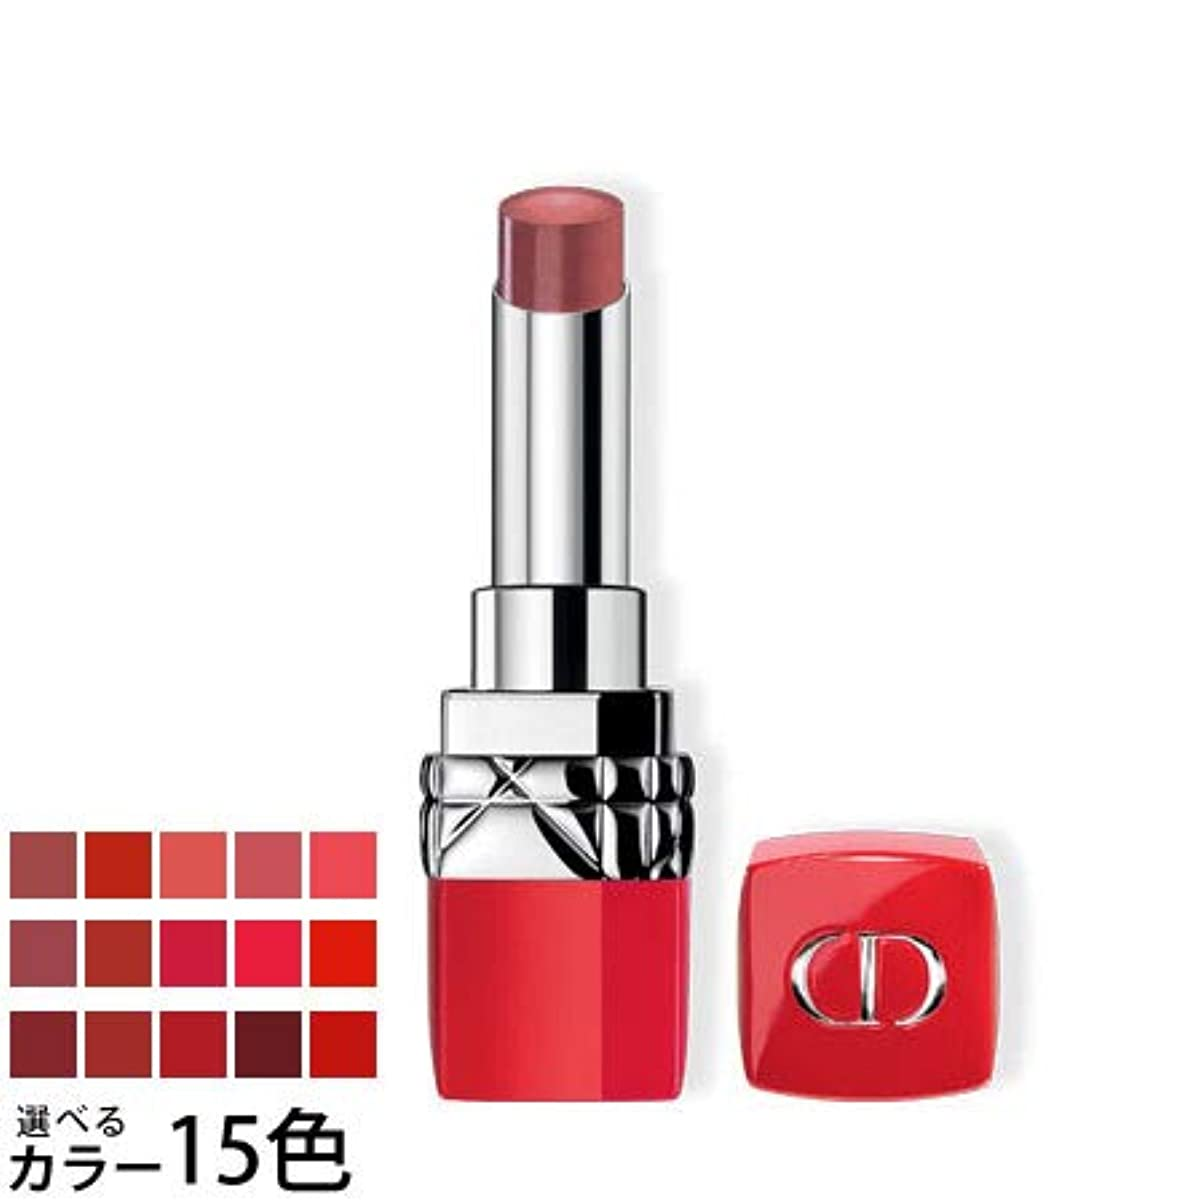 ディオール ルージュ ディオール ウルトラ ルージュ 選べる15色 -Dior- 851